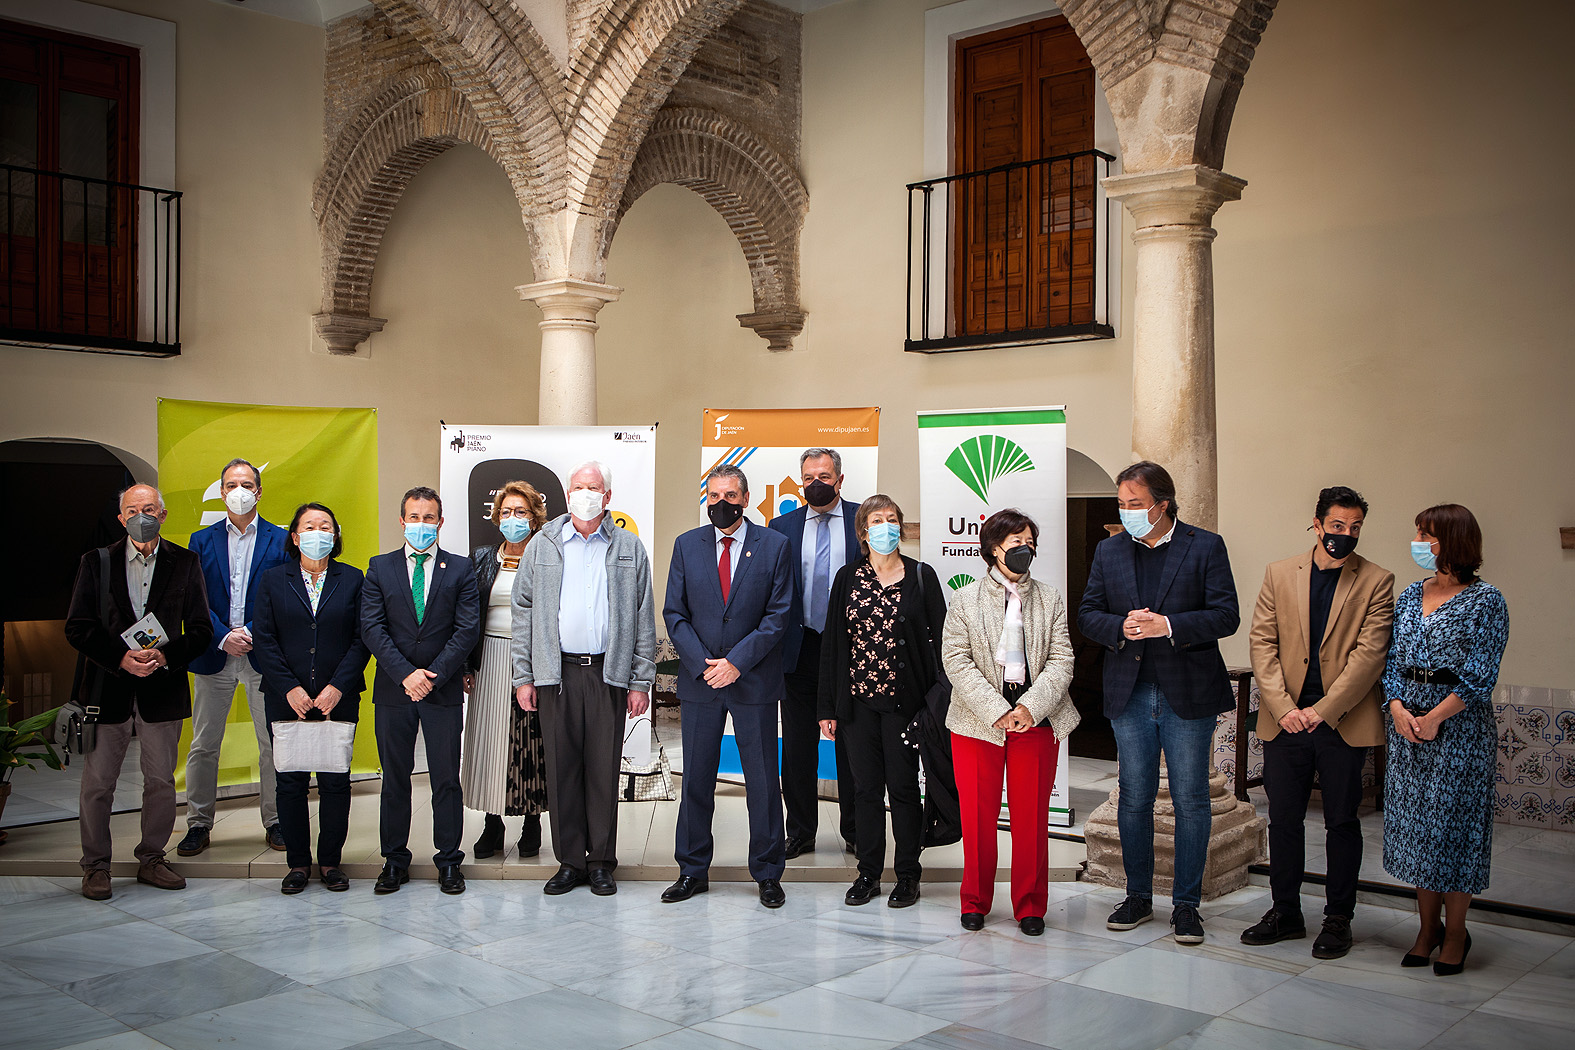 Miembros del jurado con autoridades y patrocinadores